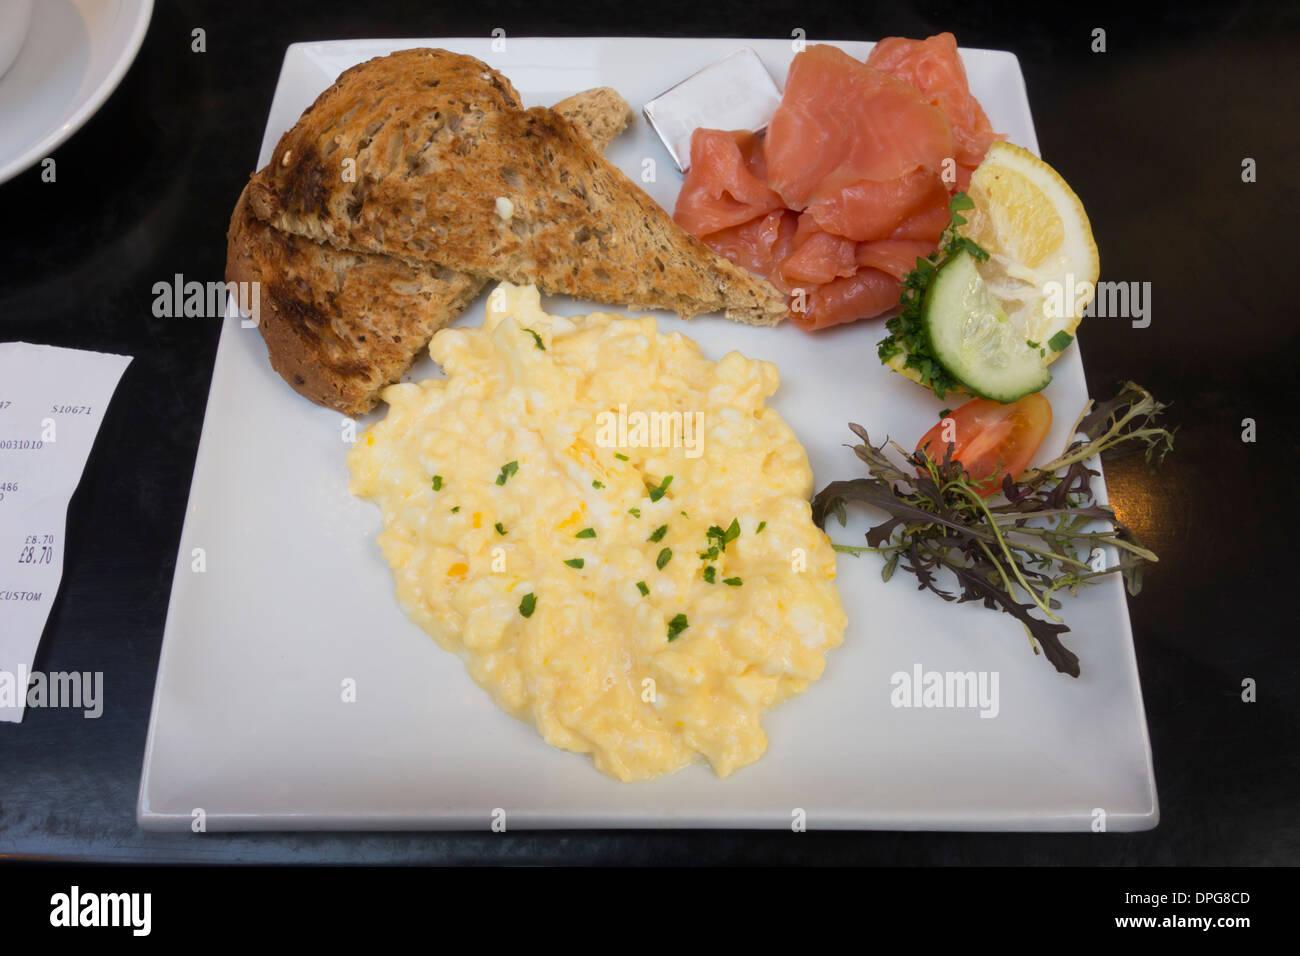 europe, UK, England, breakfast - Stock Image